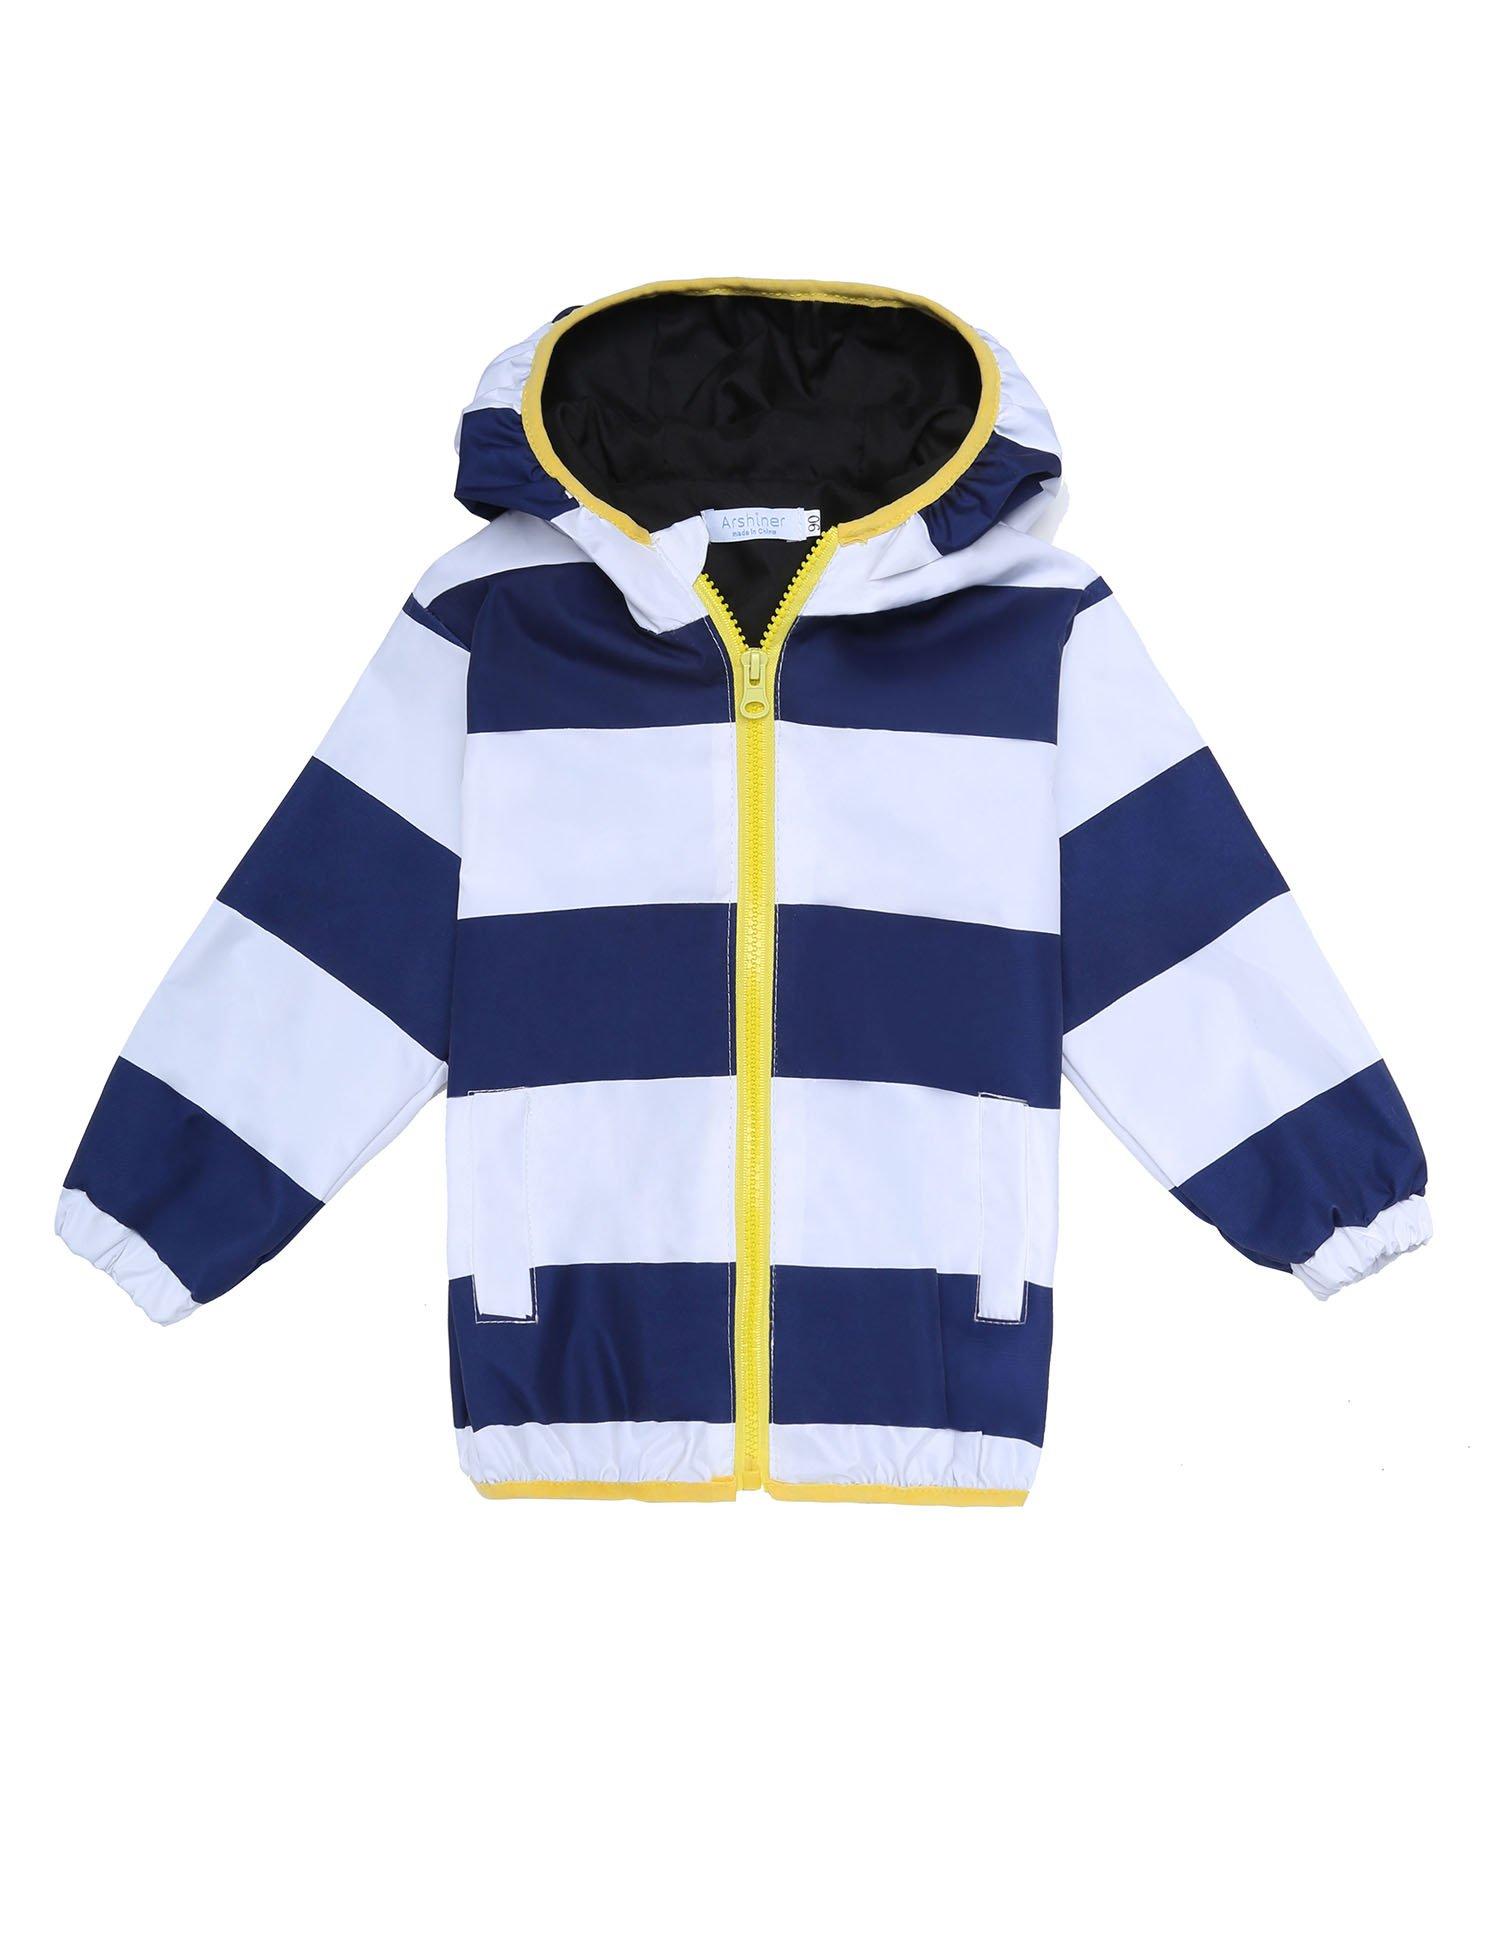 Arshiner Kids Rain Jacket Coat Hoodie Outwear (120(4-5Y), Blue and White)